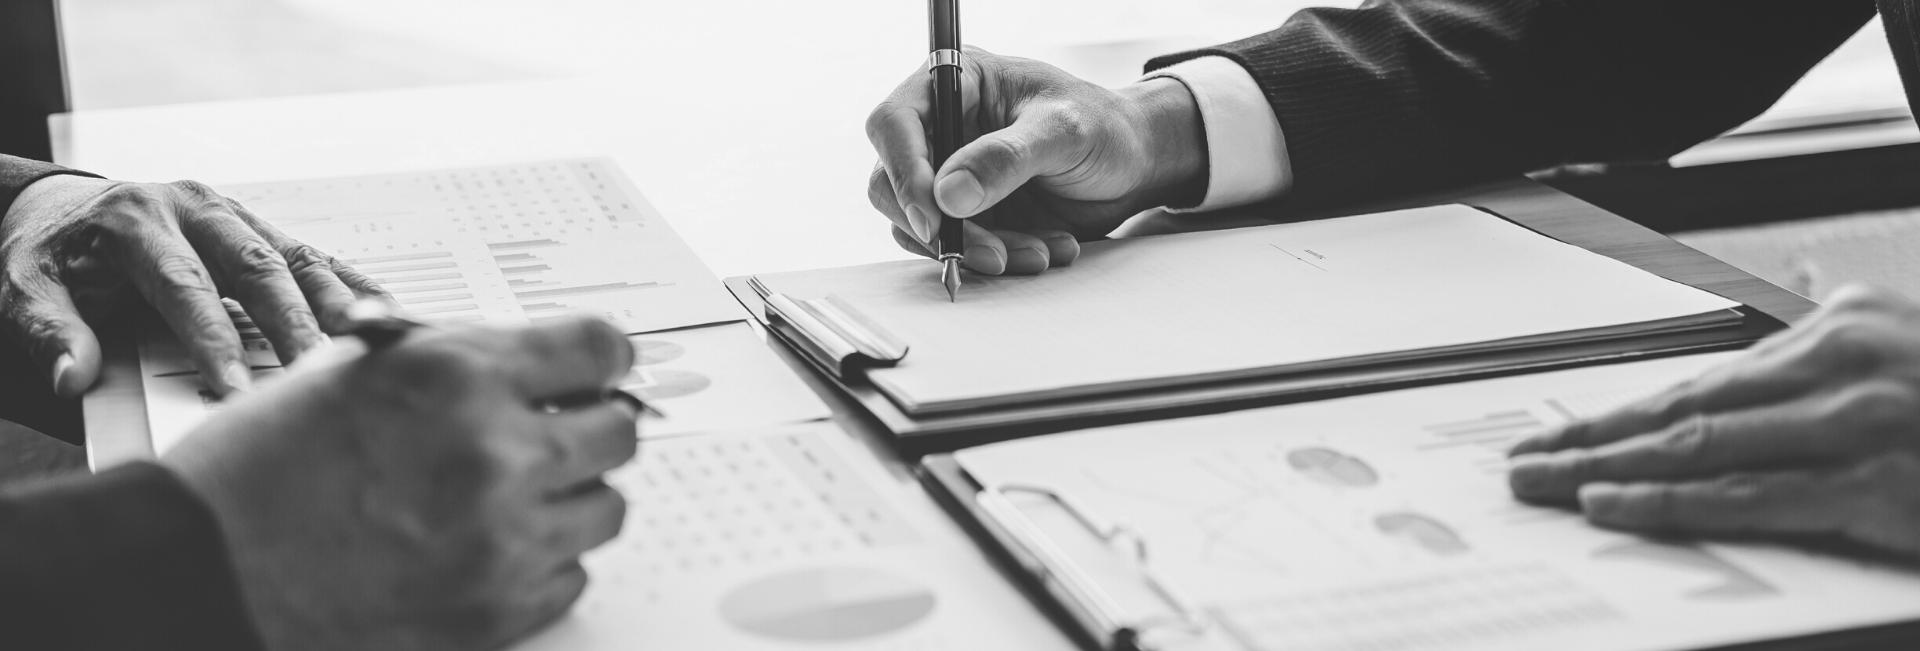 Détermination du prix de cession en contexte économique incertain : focus sur la clause d'earn-out